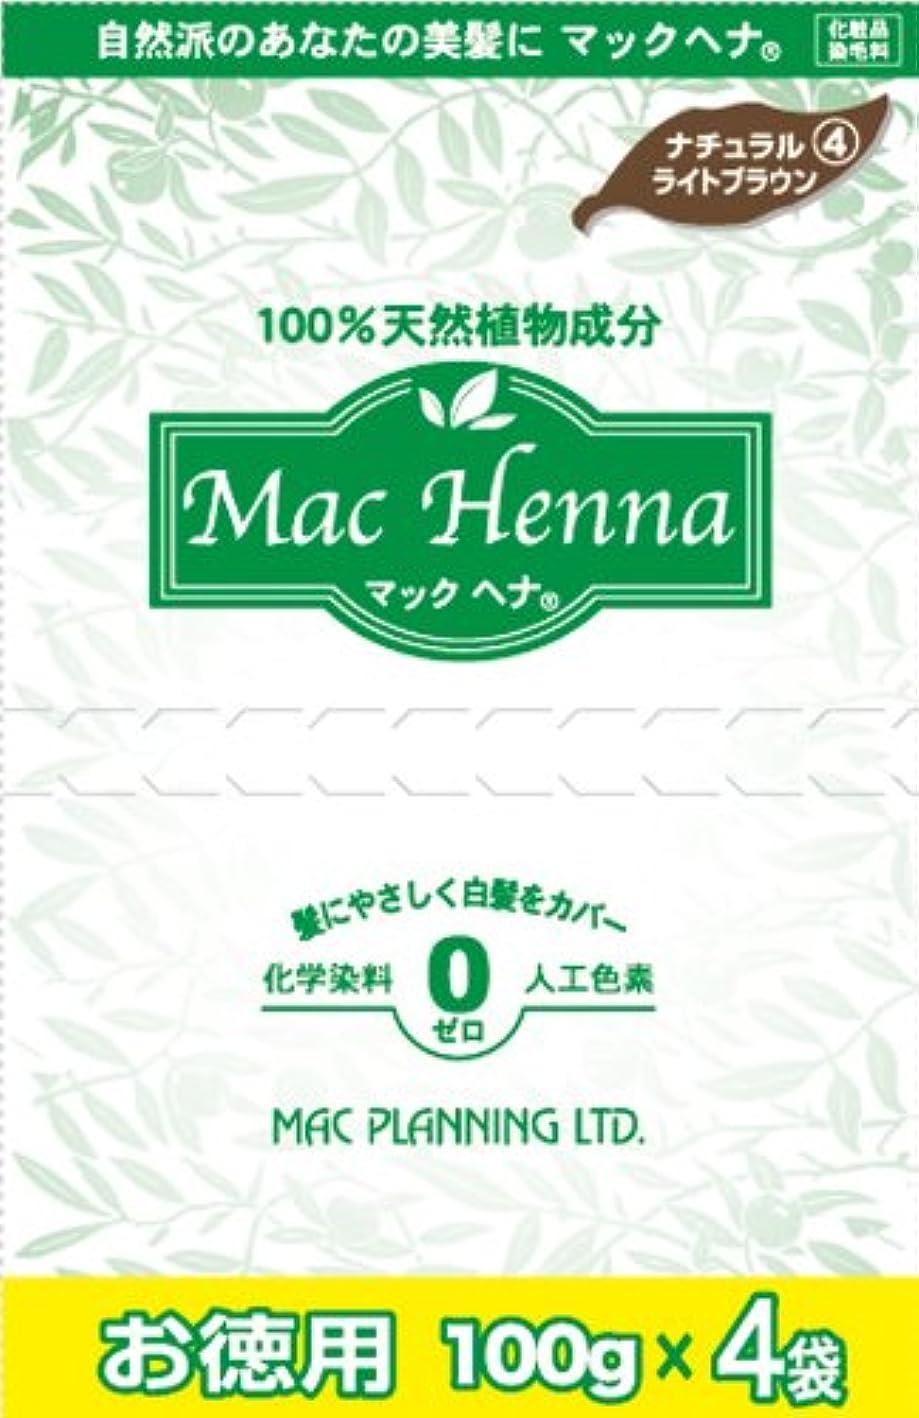 ピケ命令的バブル天然植物原料100% 無添加 マックヘナ お徳用(ナチュラルライトブラウン)-4  400g(100g×4袋)3箱セット